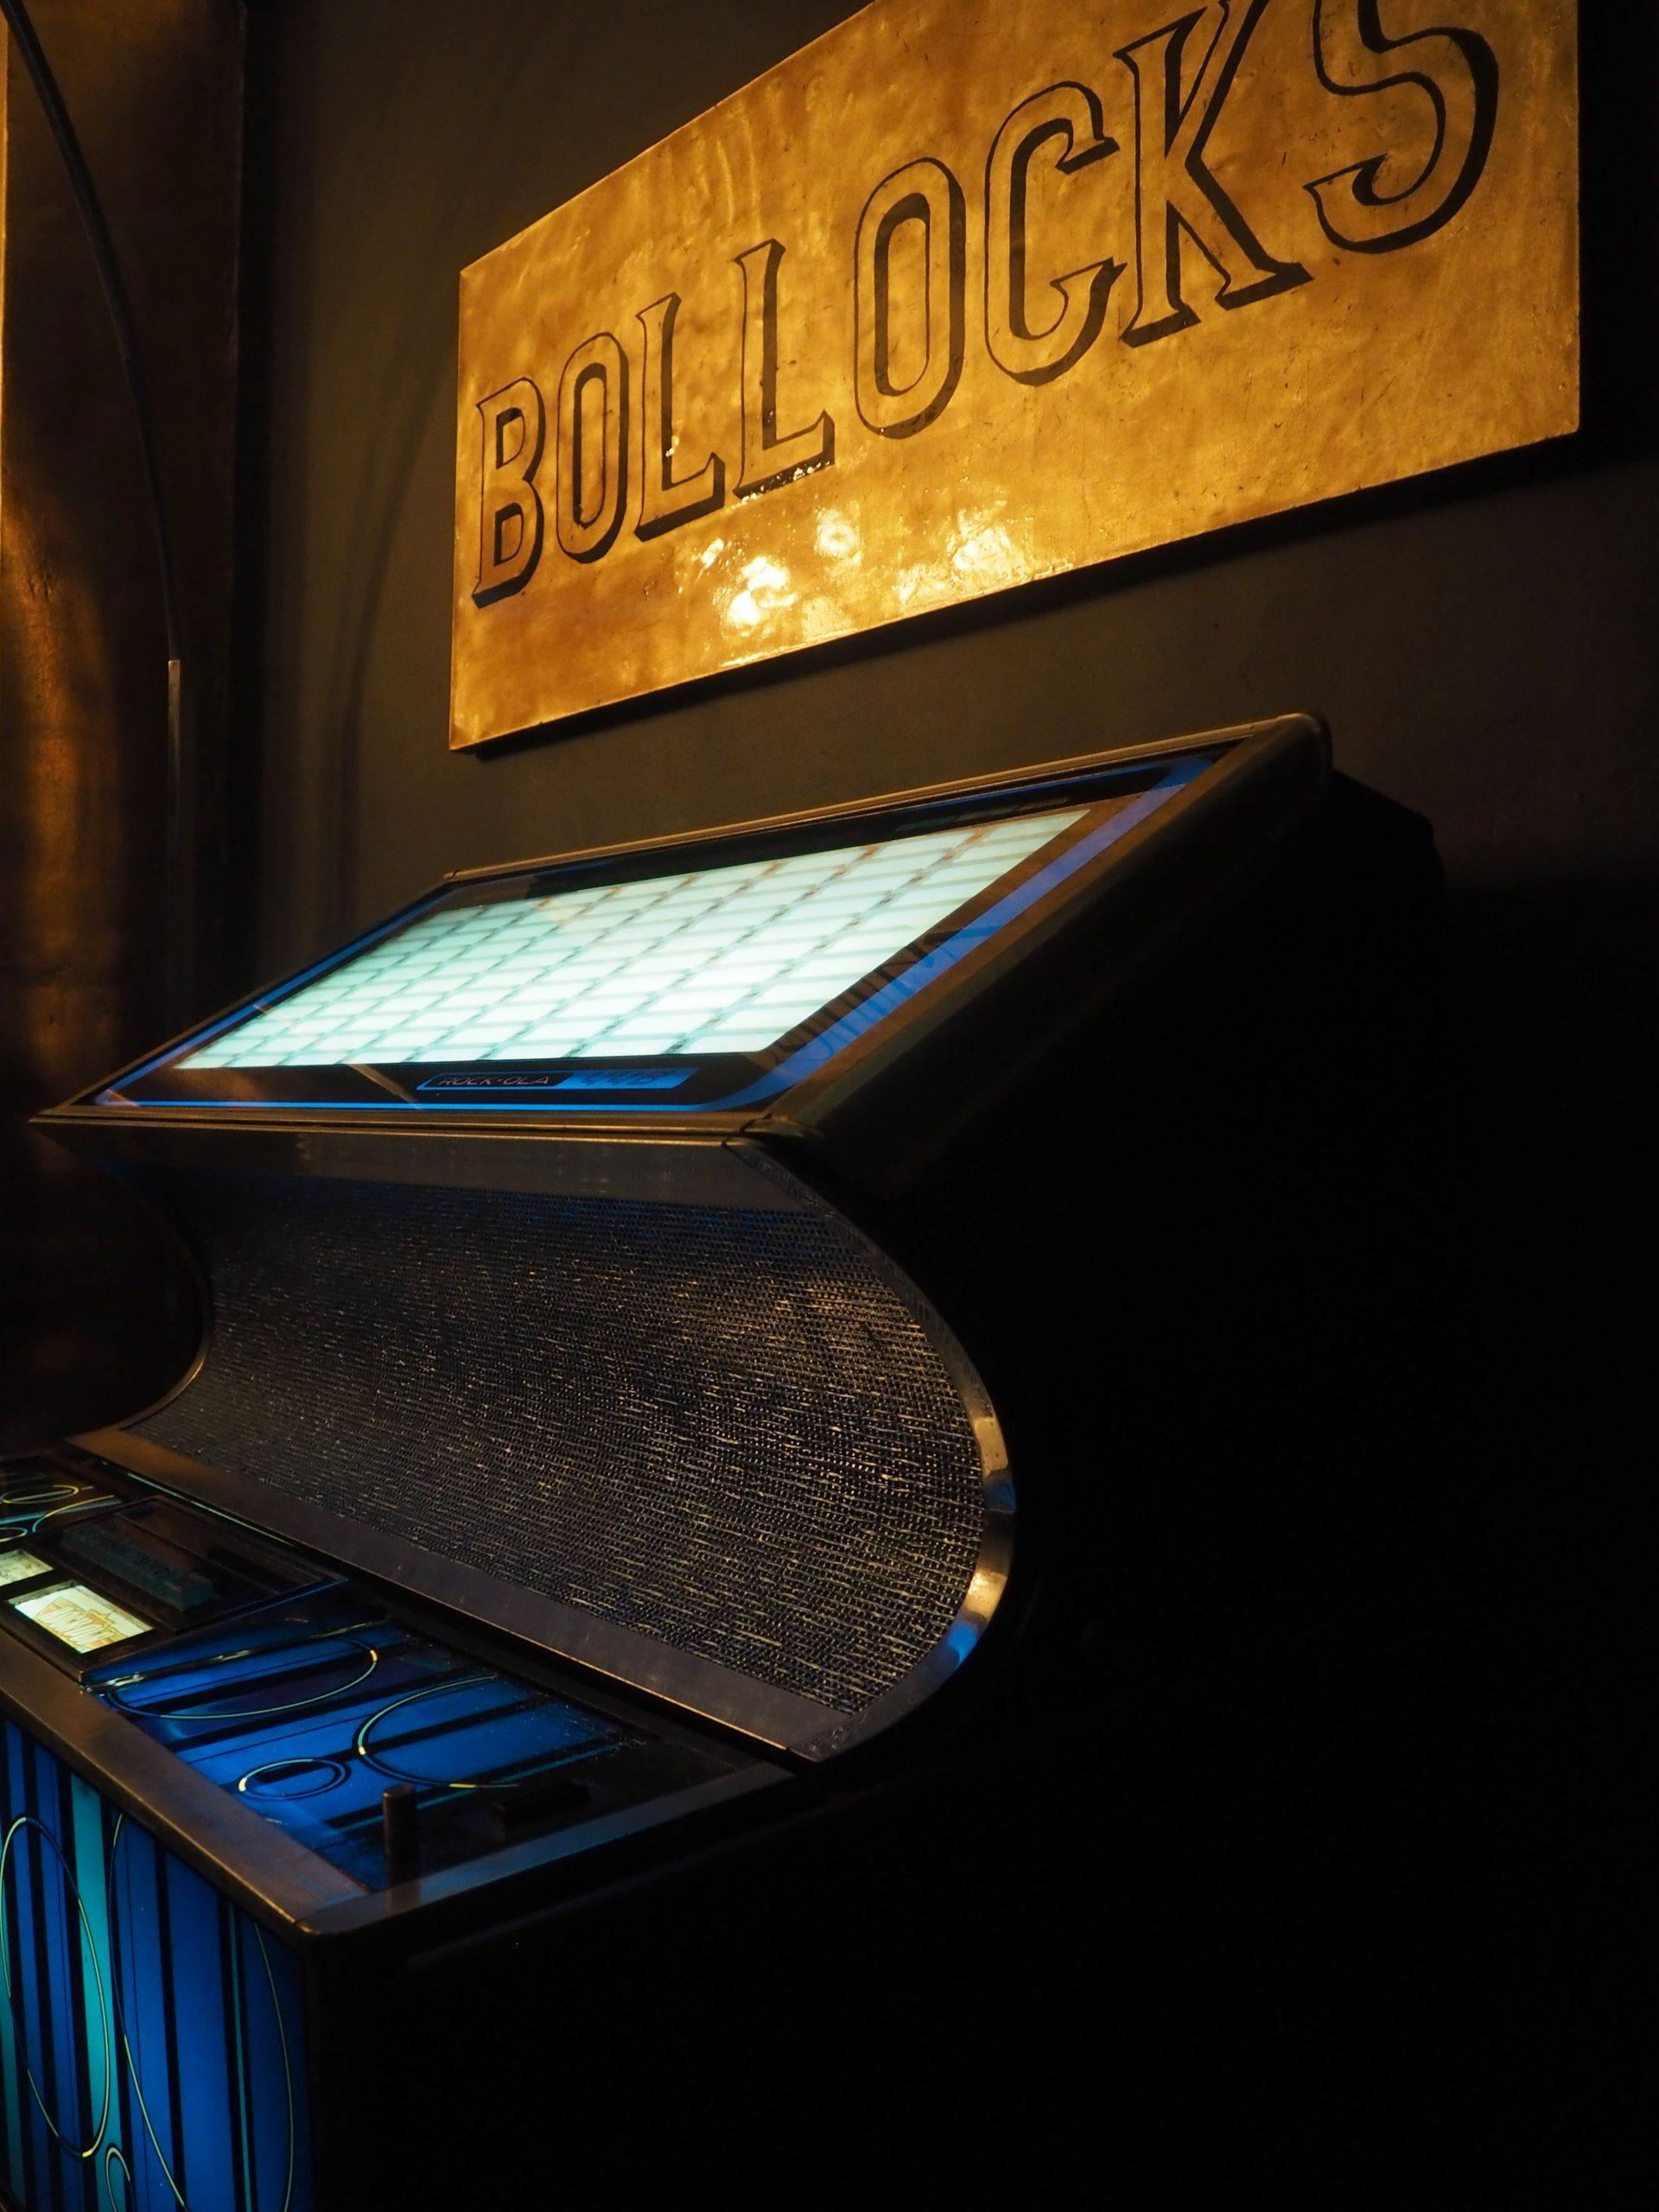 My Rockola Jukebox